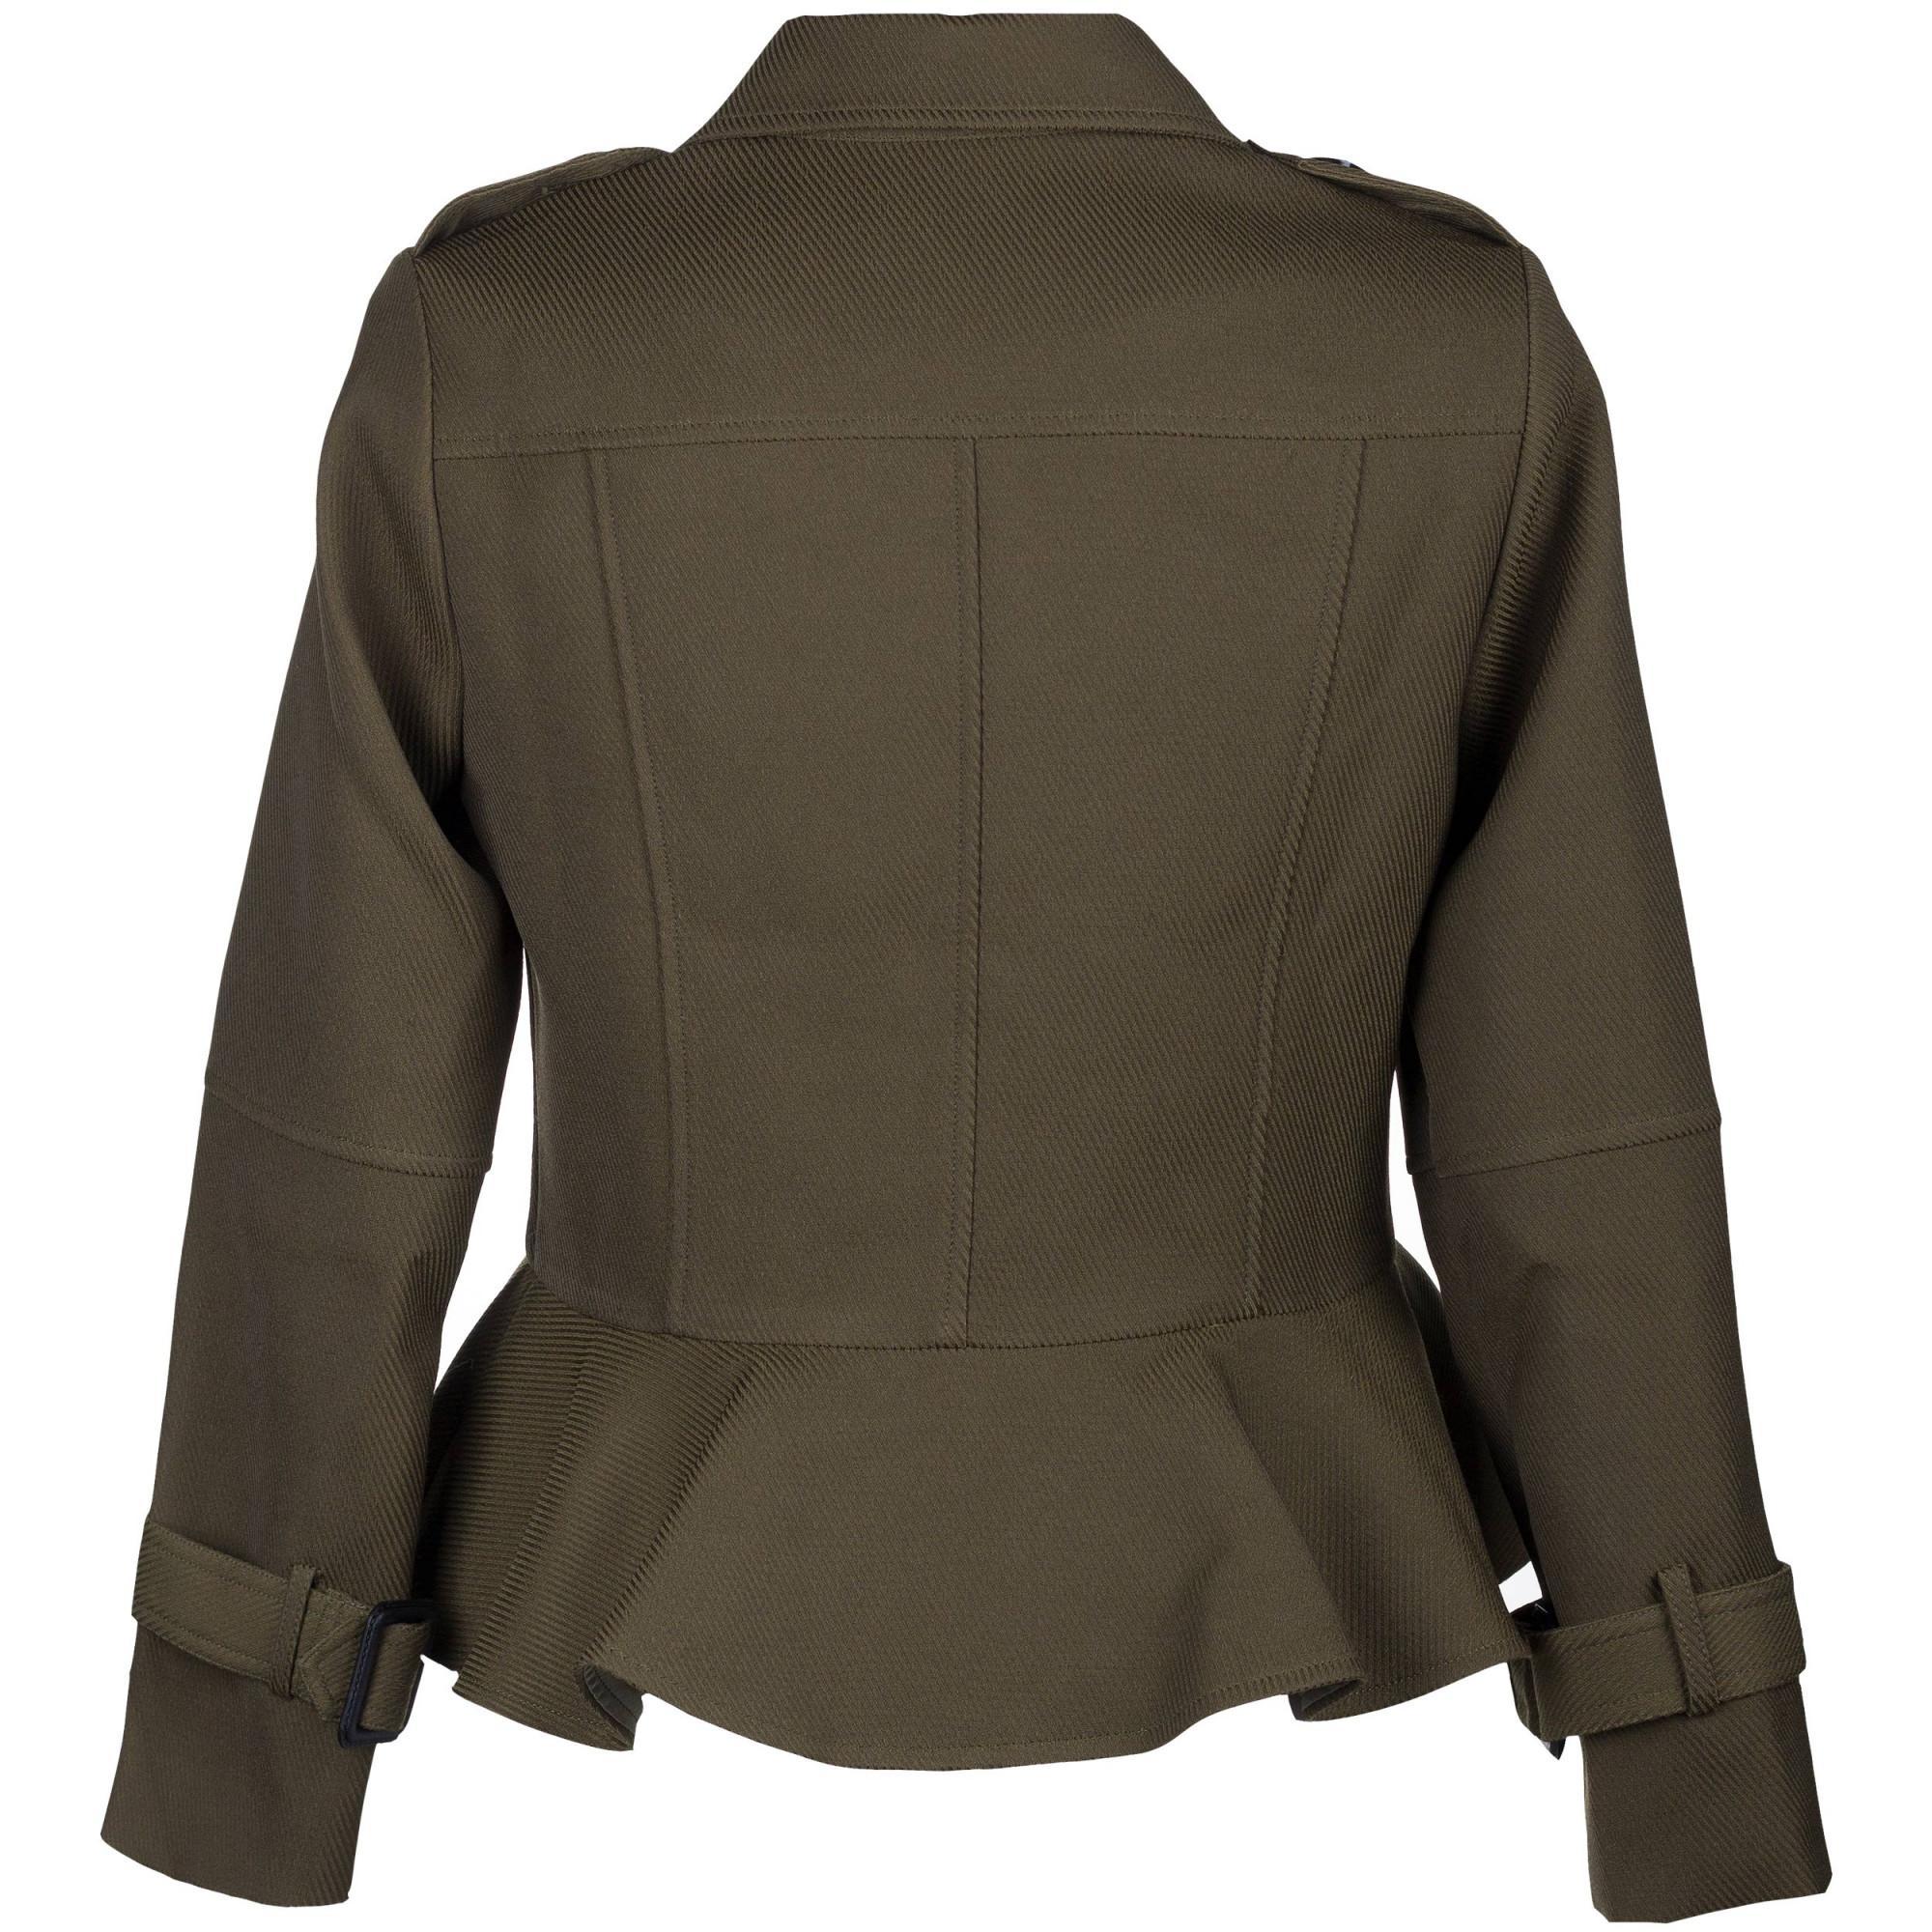 Пиджак Burberry цвета милитари  купить женские пиджаки и жакеты в ... 5b5e87685d1